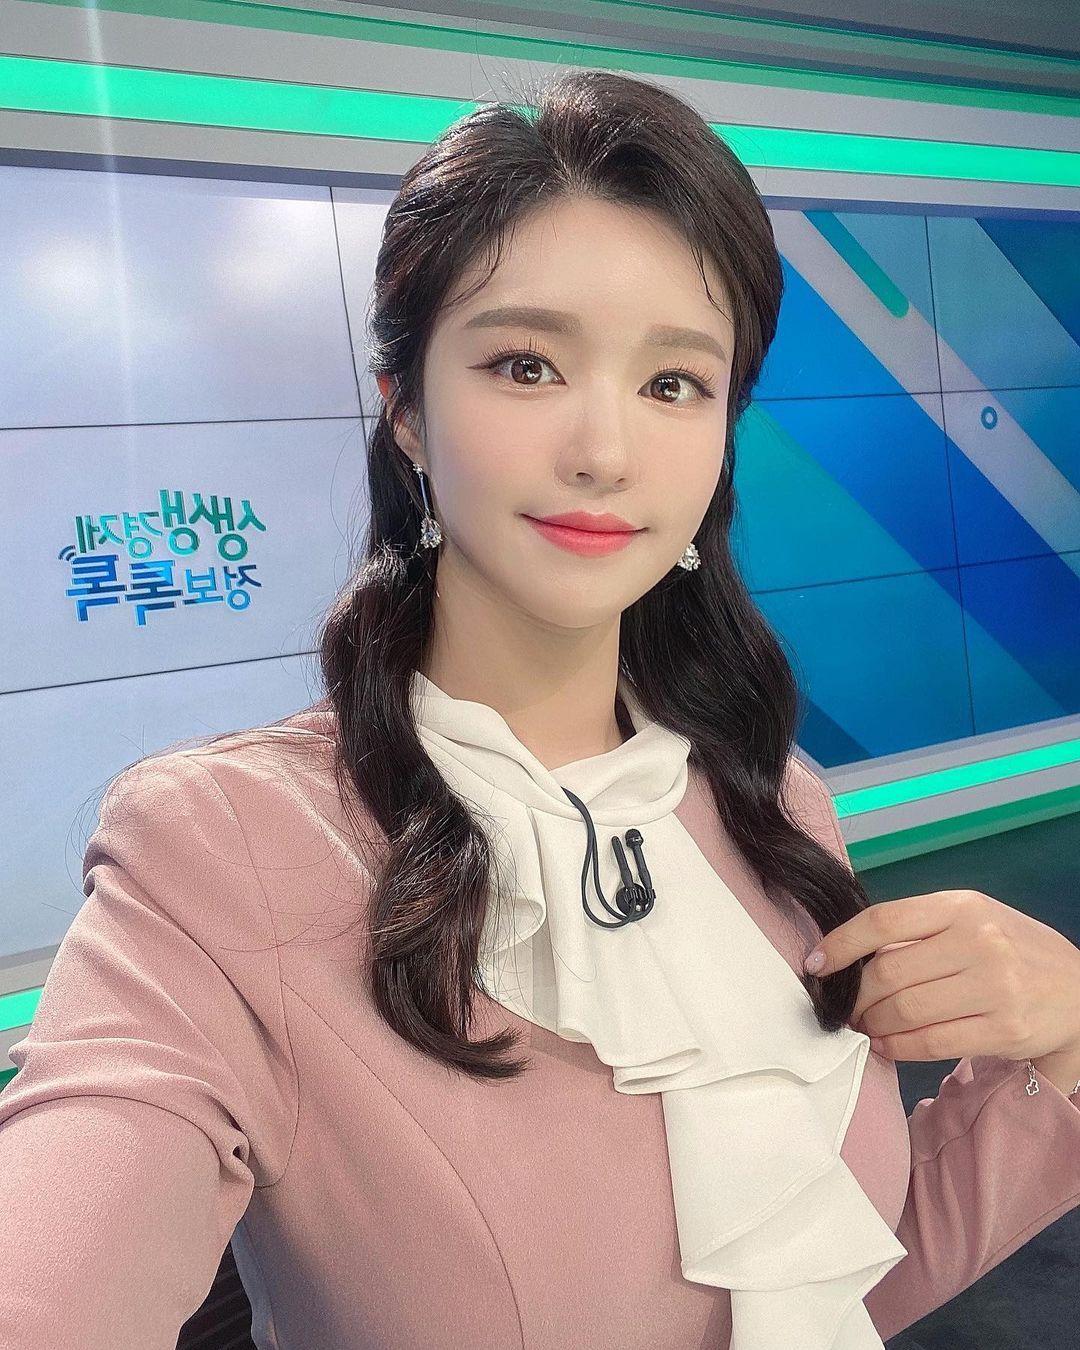 韩国美女主播「尹浩延」爱打高尔夫.球衣衬托超吸睛 养眼图片 第28张